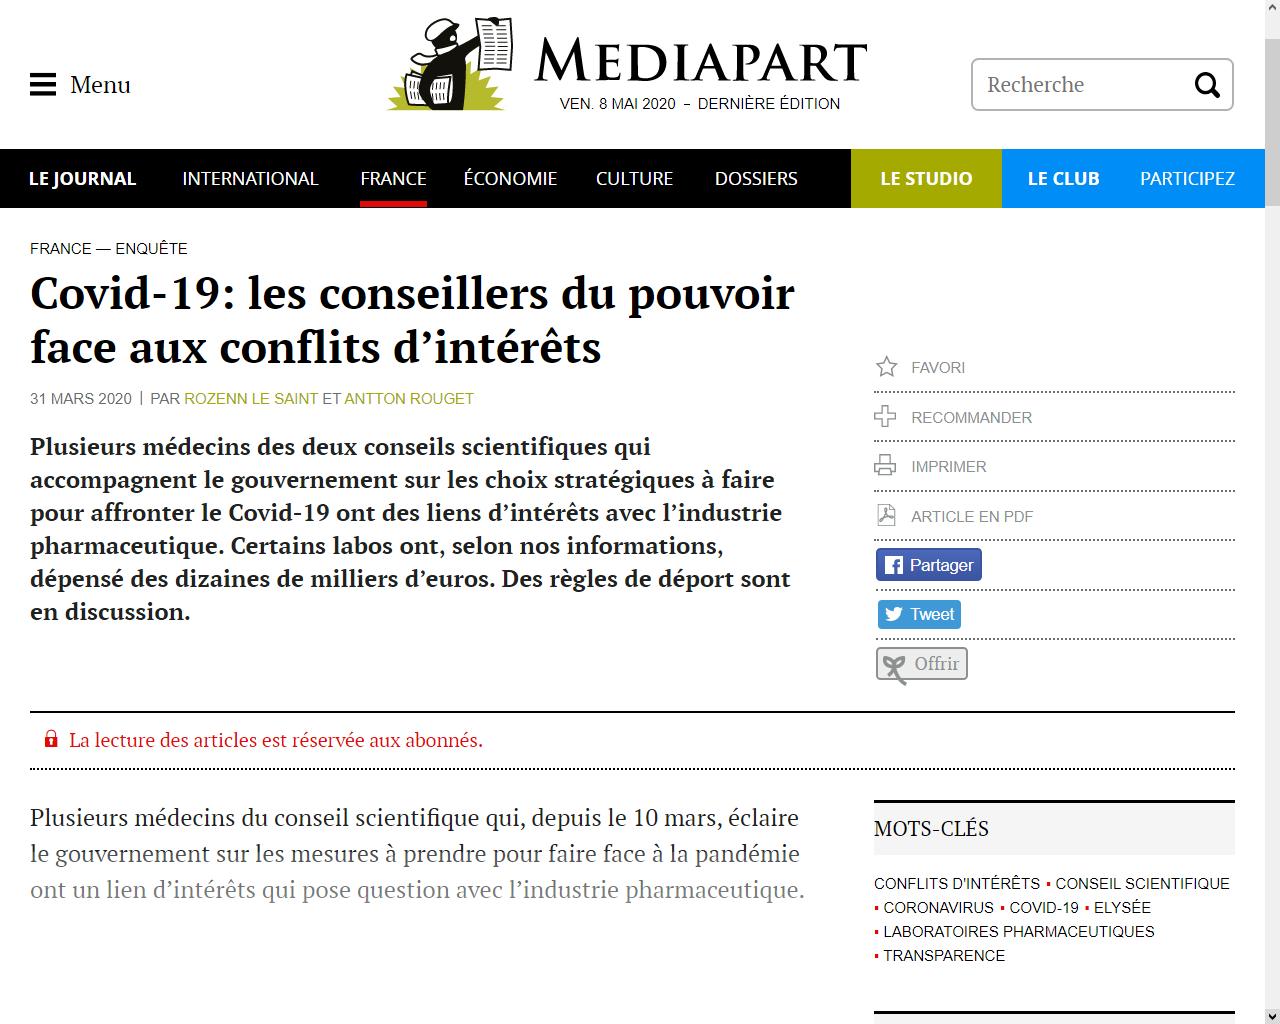 https://www.mediapart.fr/journal/france/310320/covid-19-les-conseillers-du-pouvoir-face-aux-conflits-d-interets?onglet=full